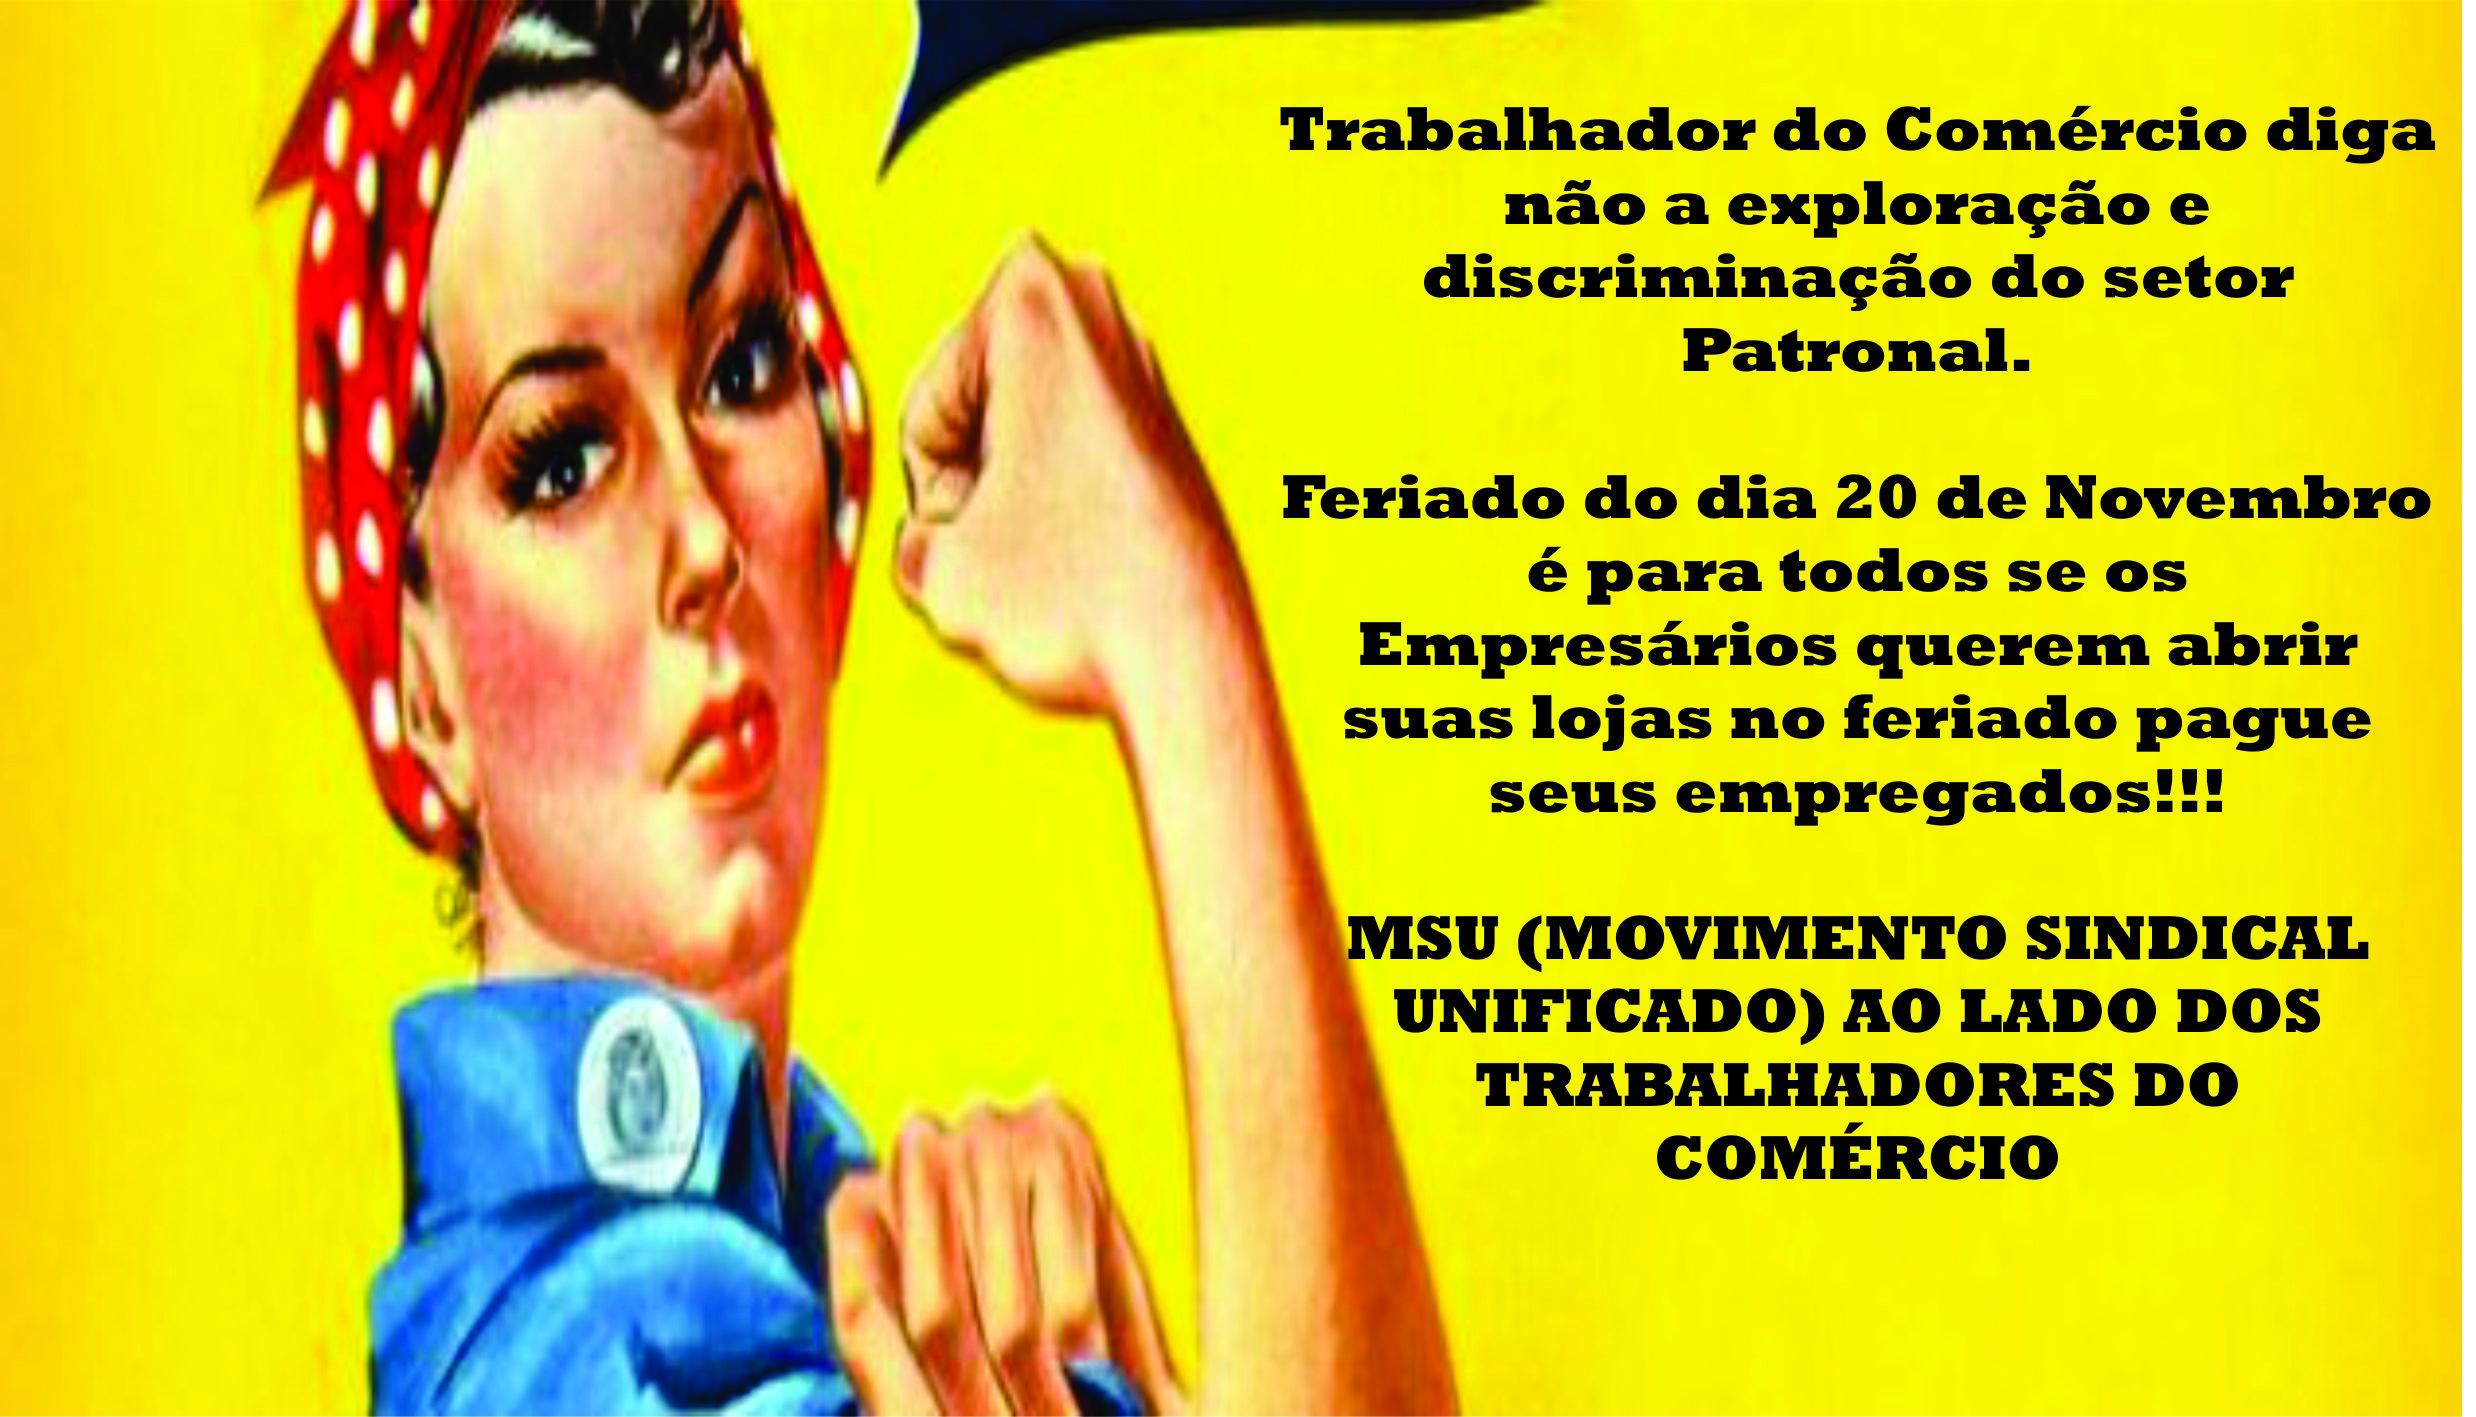 MSU apóia trabalhadores do comércio